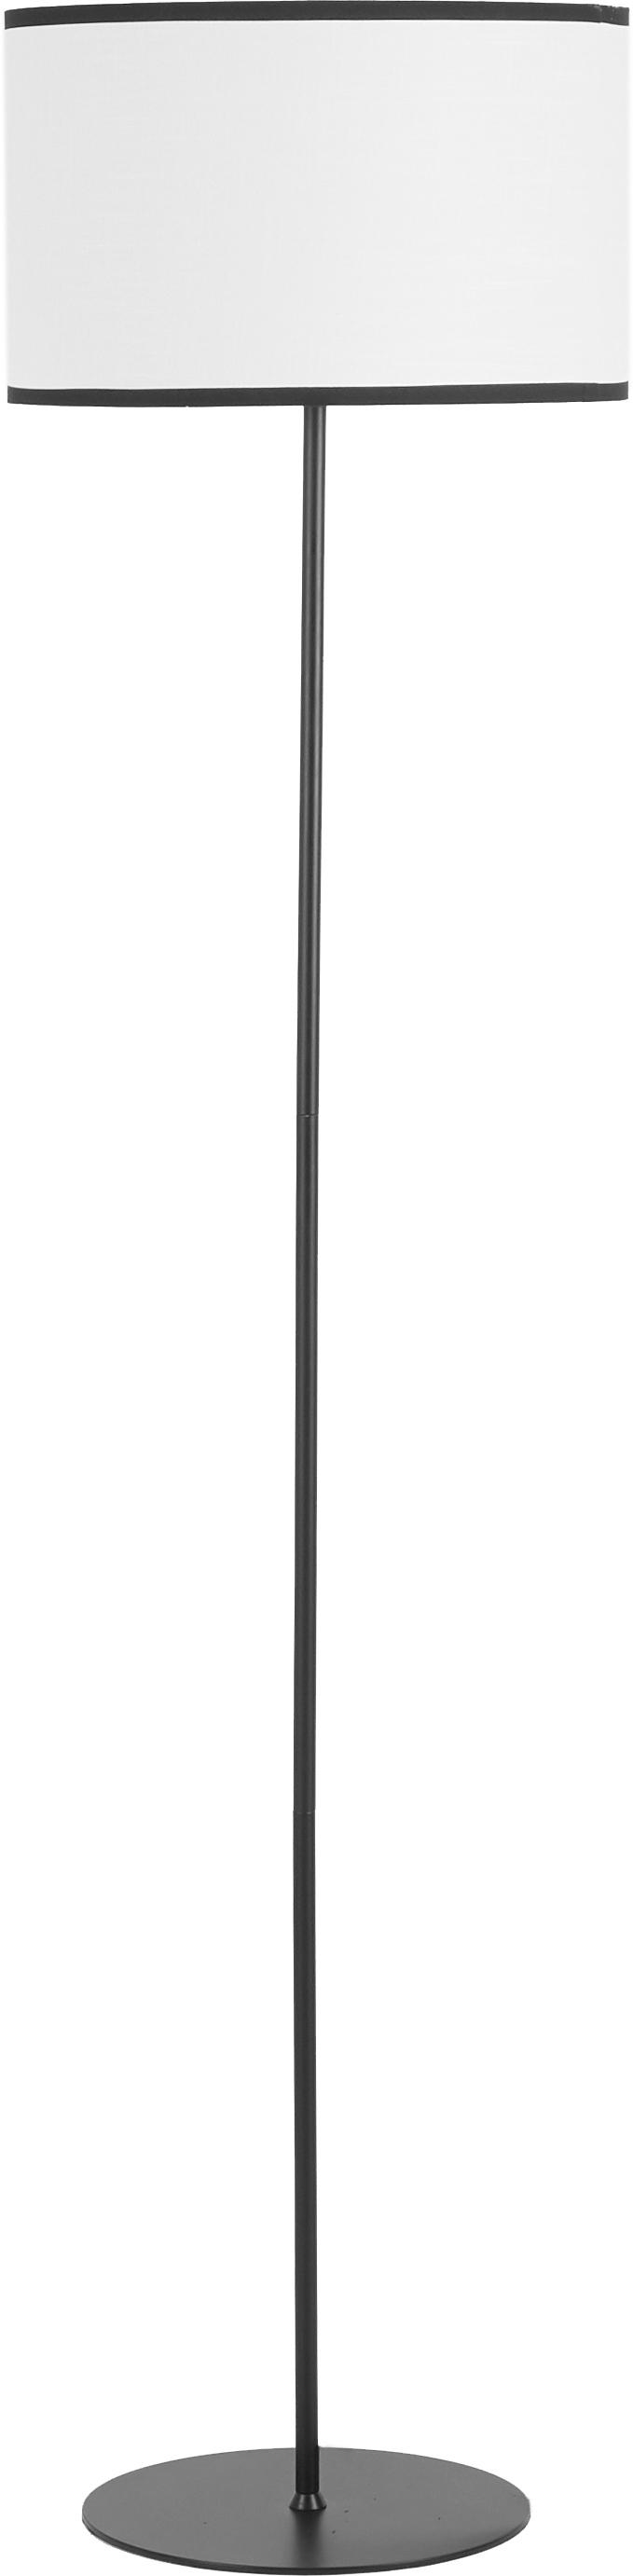 Stehlampe Claudette mit Leinenschirm, Lampenschirm: Leinen, strukturiert, Lampenfuß: Metall, pulverbeschichtet, Creme, Schwarz, Ø 40 x H 165 cm